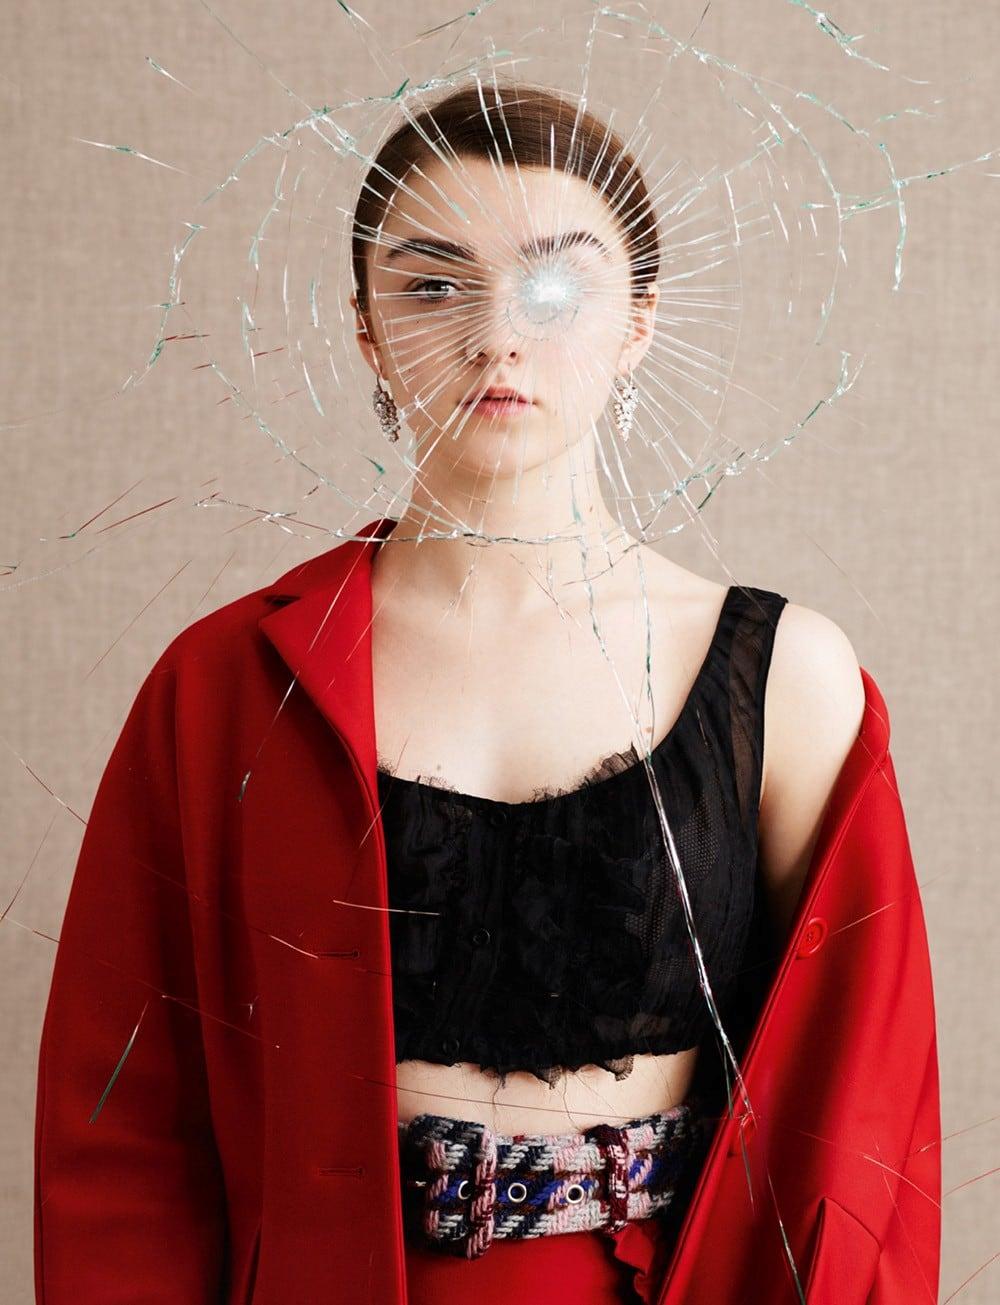 Maisie-Williams-Dazed-Confused-Magazine-2015-4